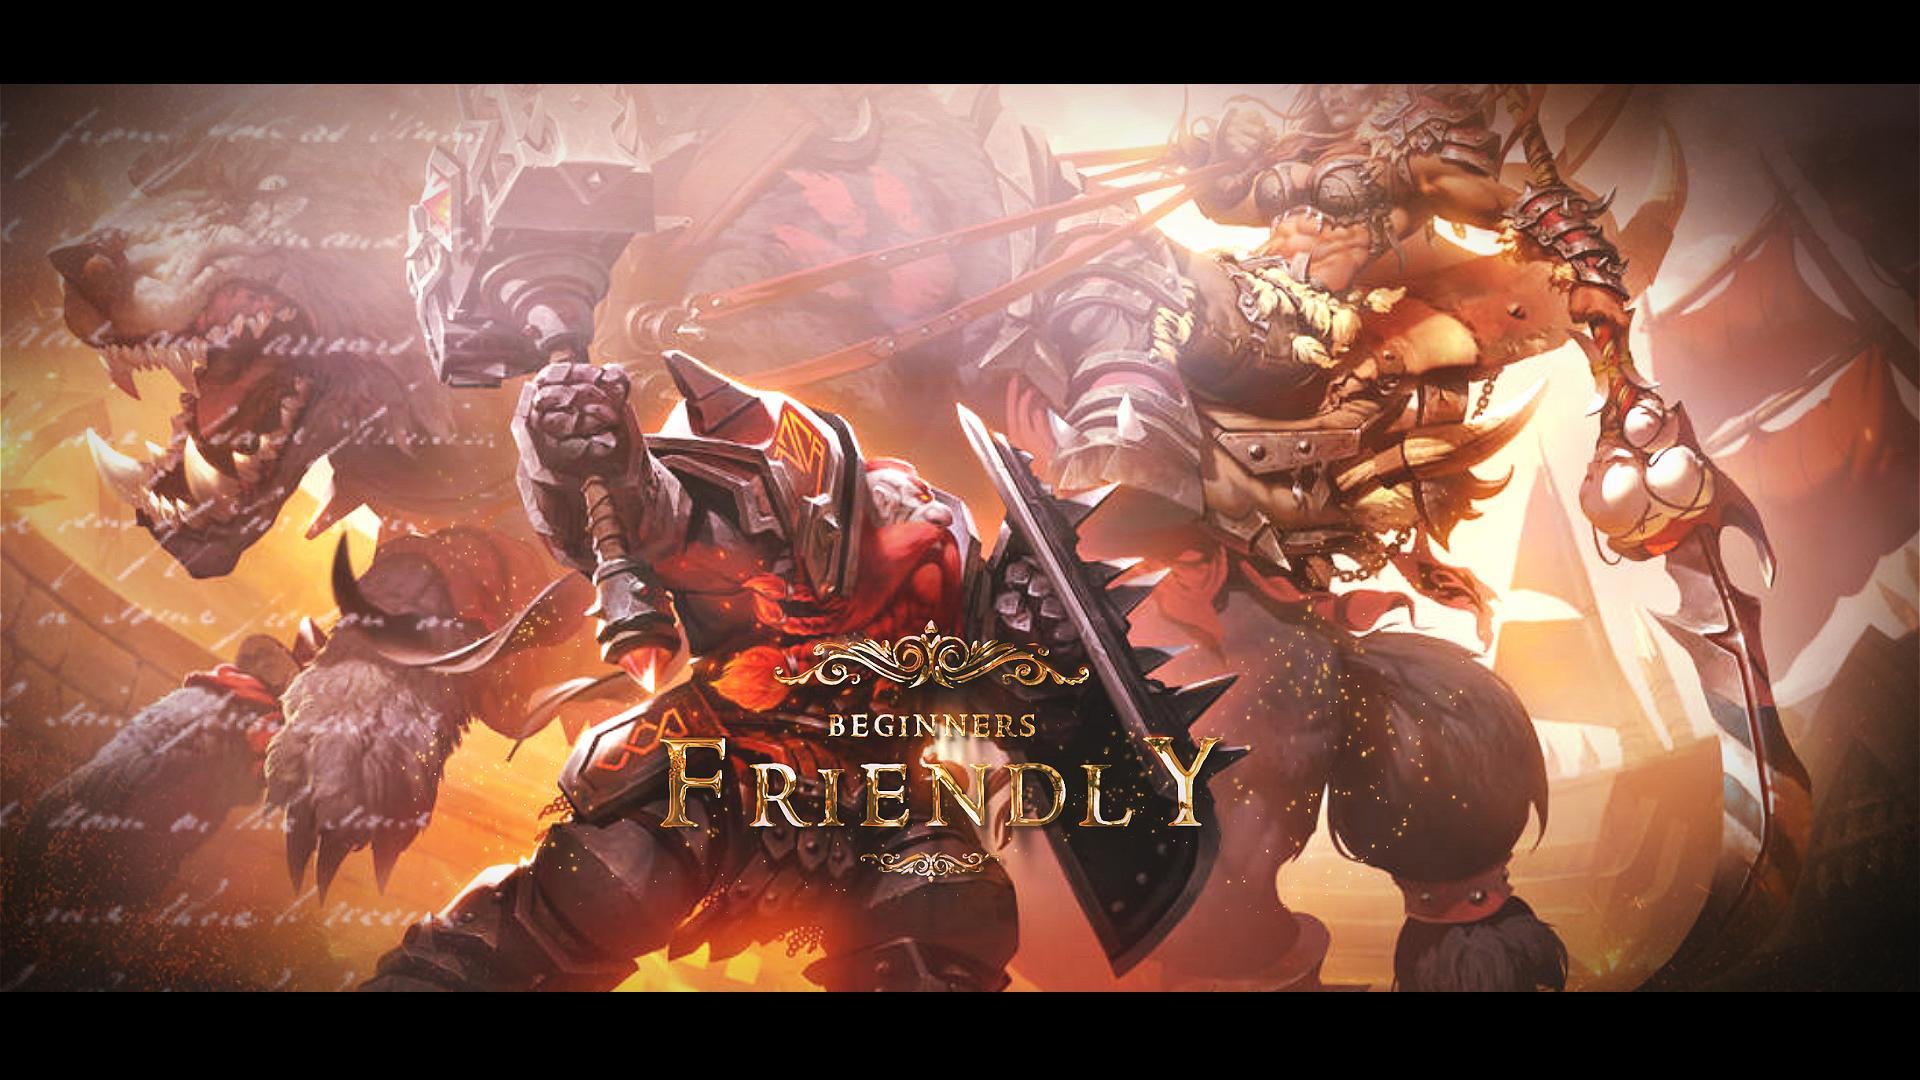 史诗电影预告片片头视频设计AE模板 Archangel – Epic Fantasy Trailer插图(4)